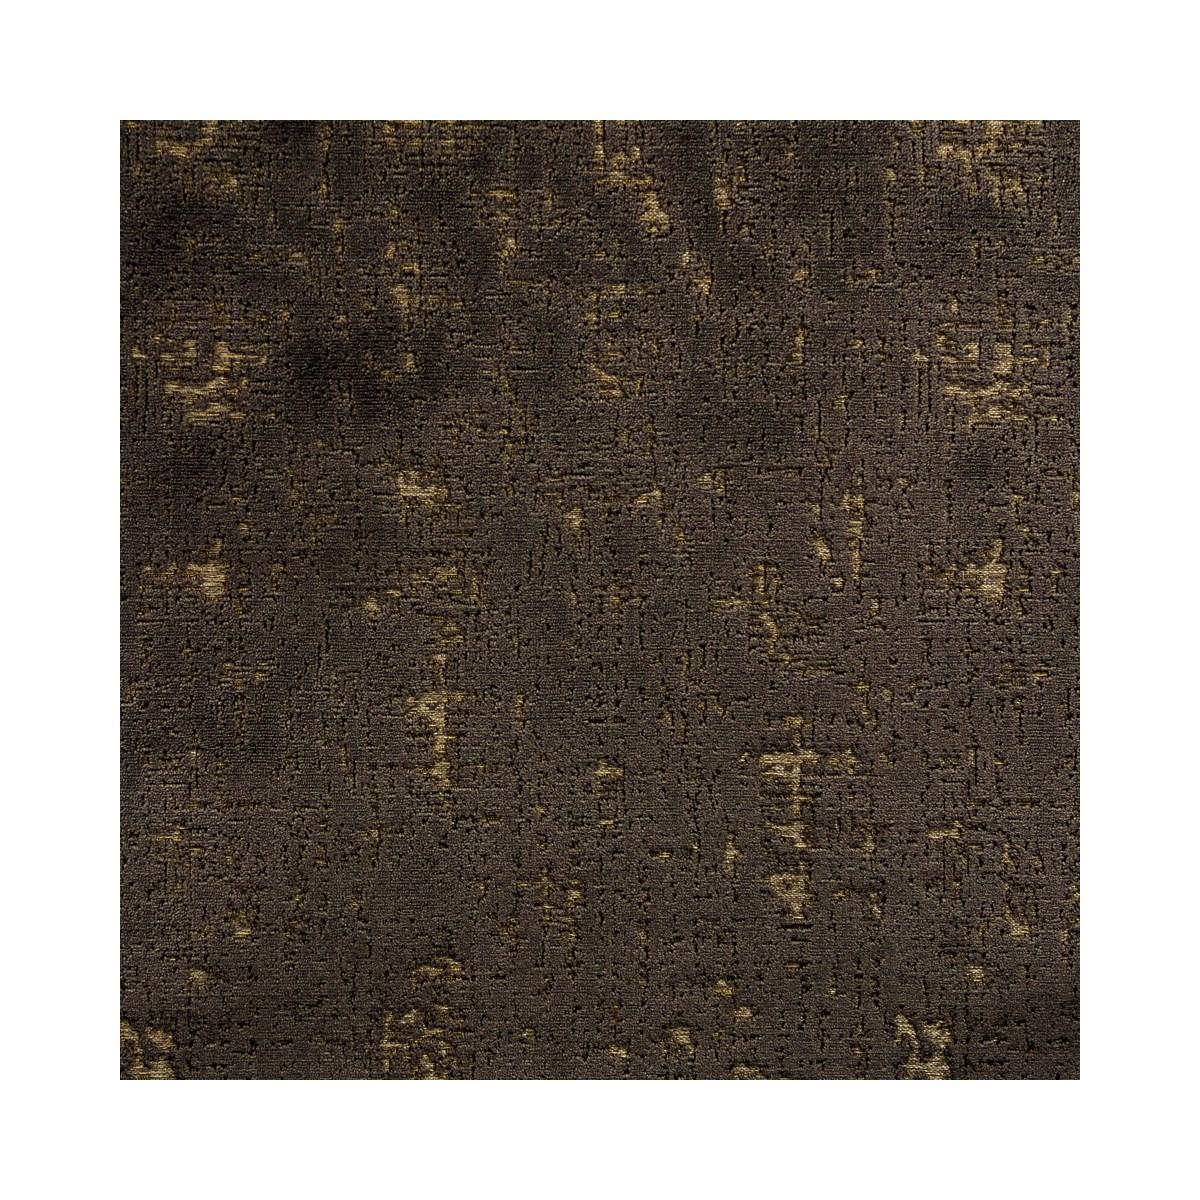 Ampato - Smoke - Fabric By the Yard